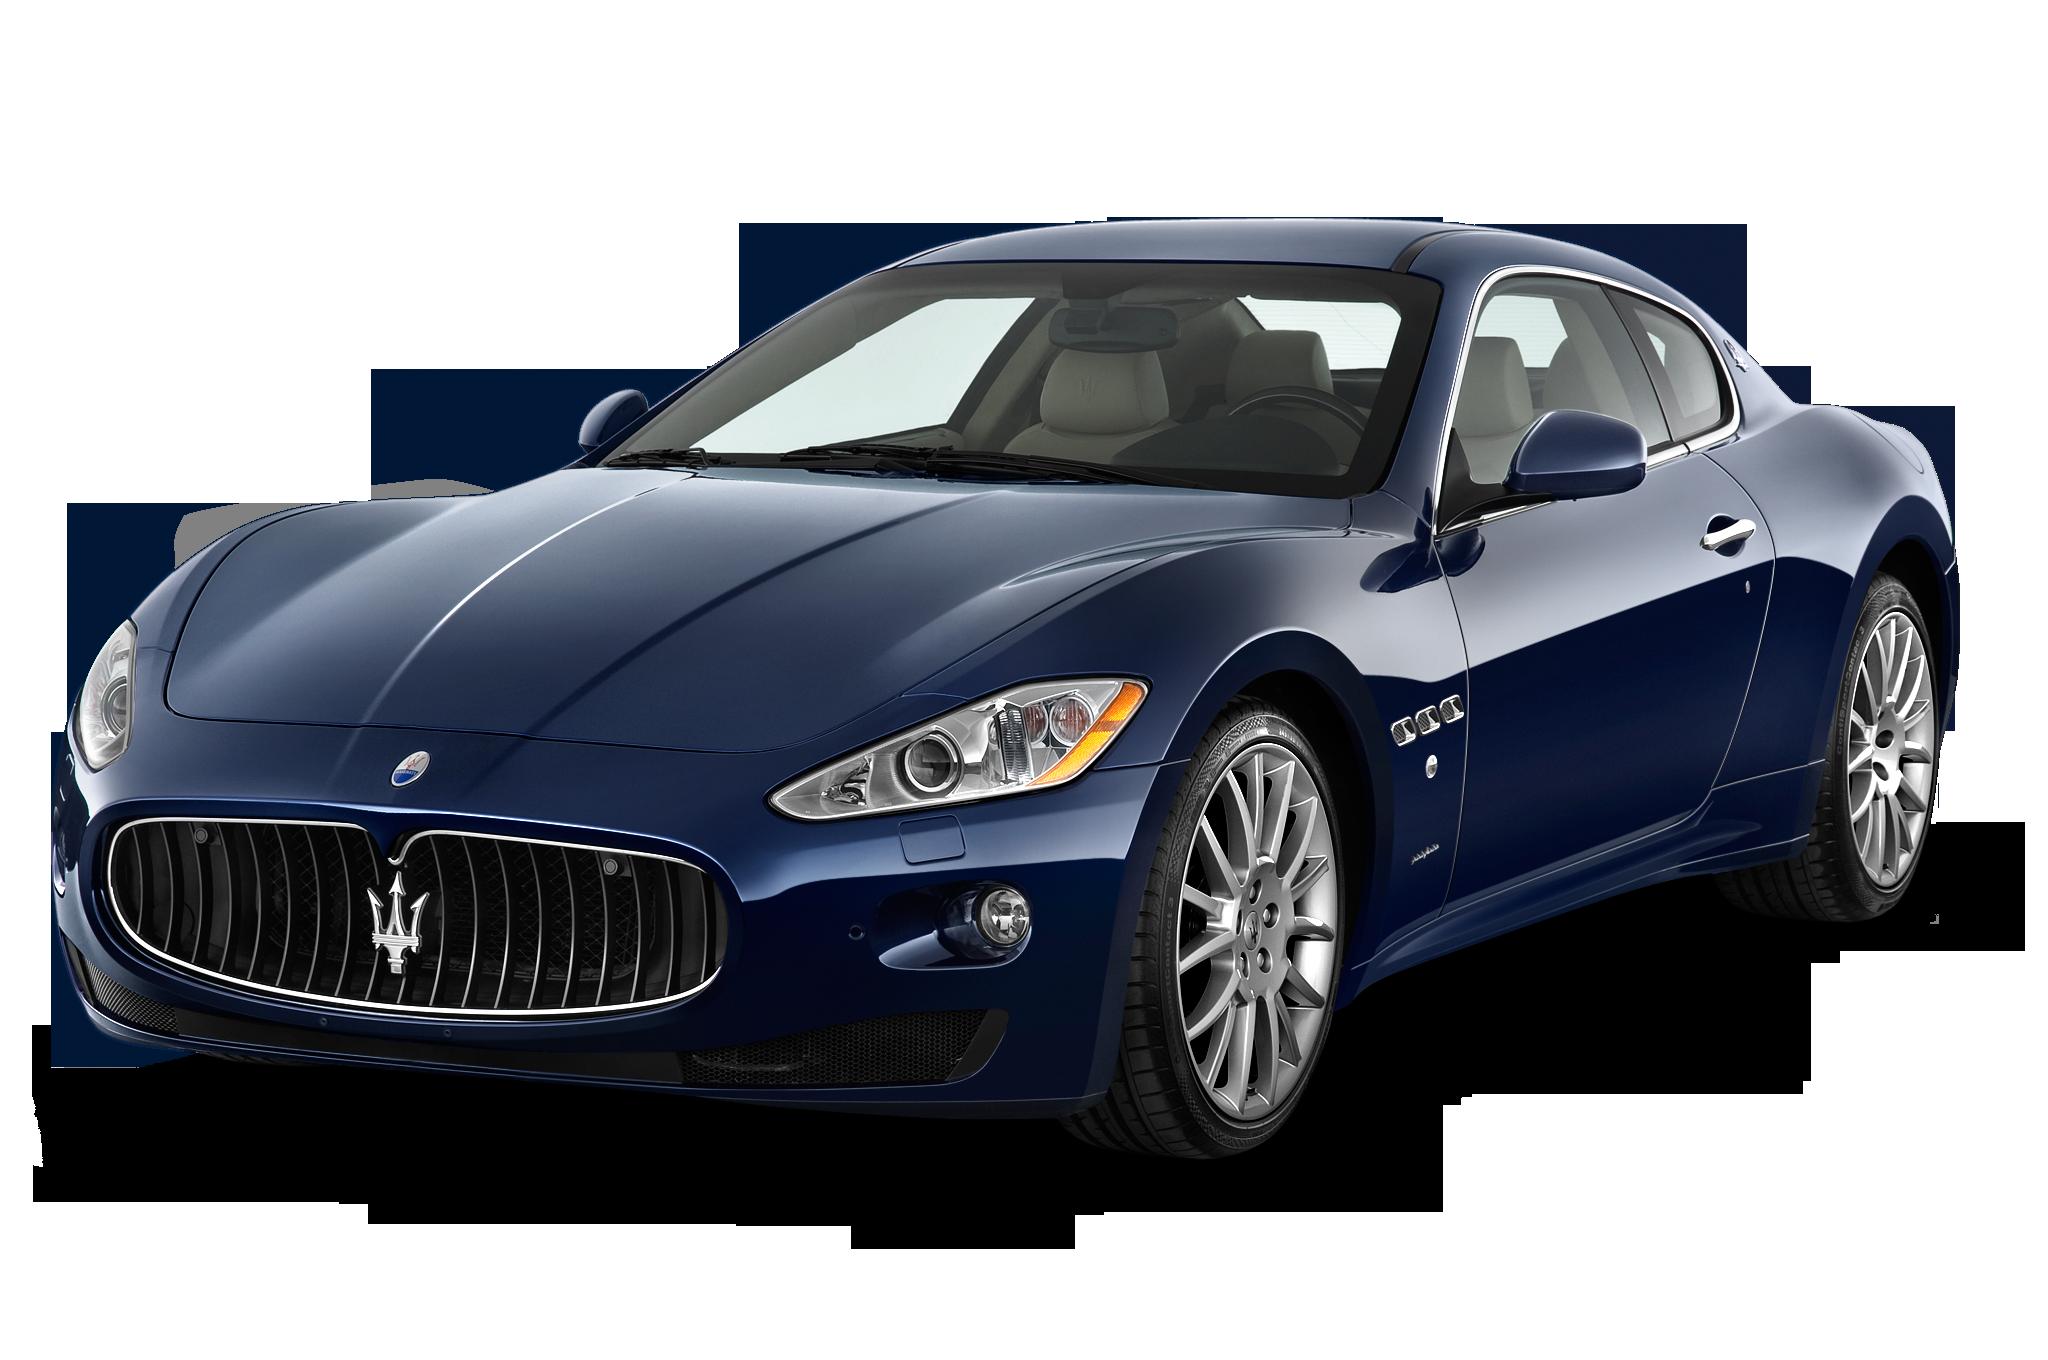 First Drive: 2012 Maserati GranTurismo MC - Automobile ...